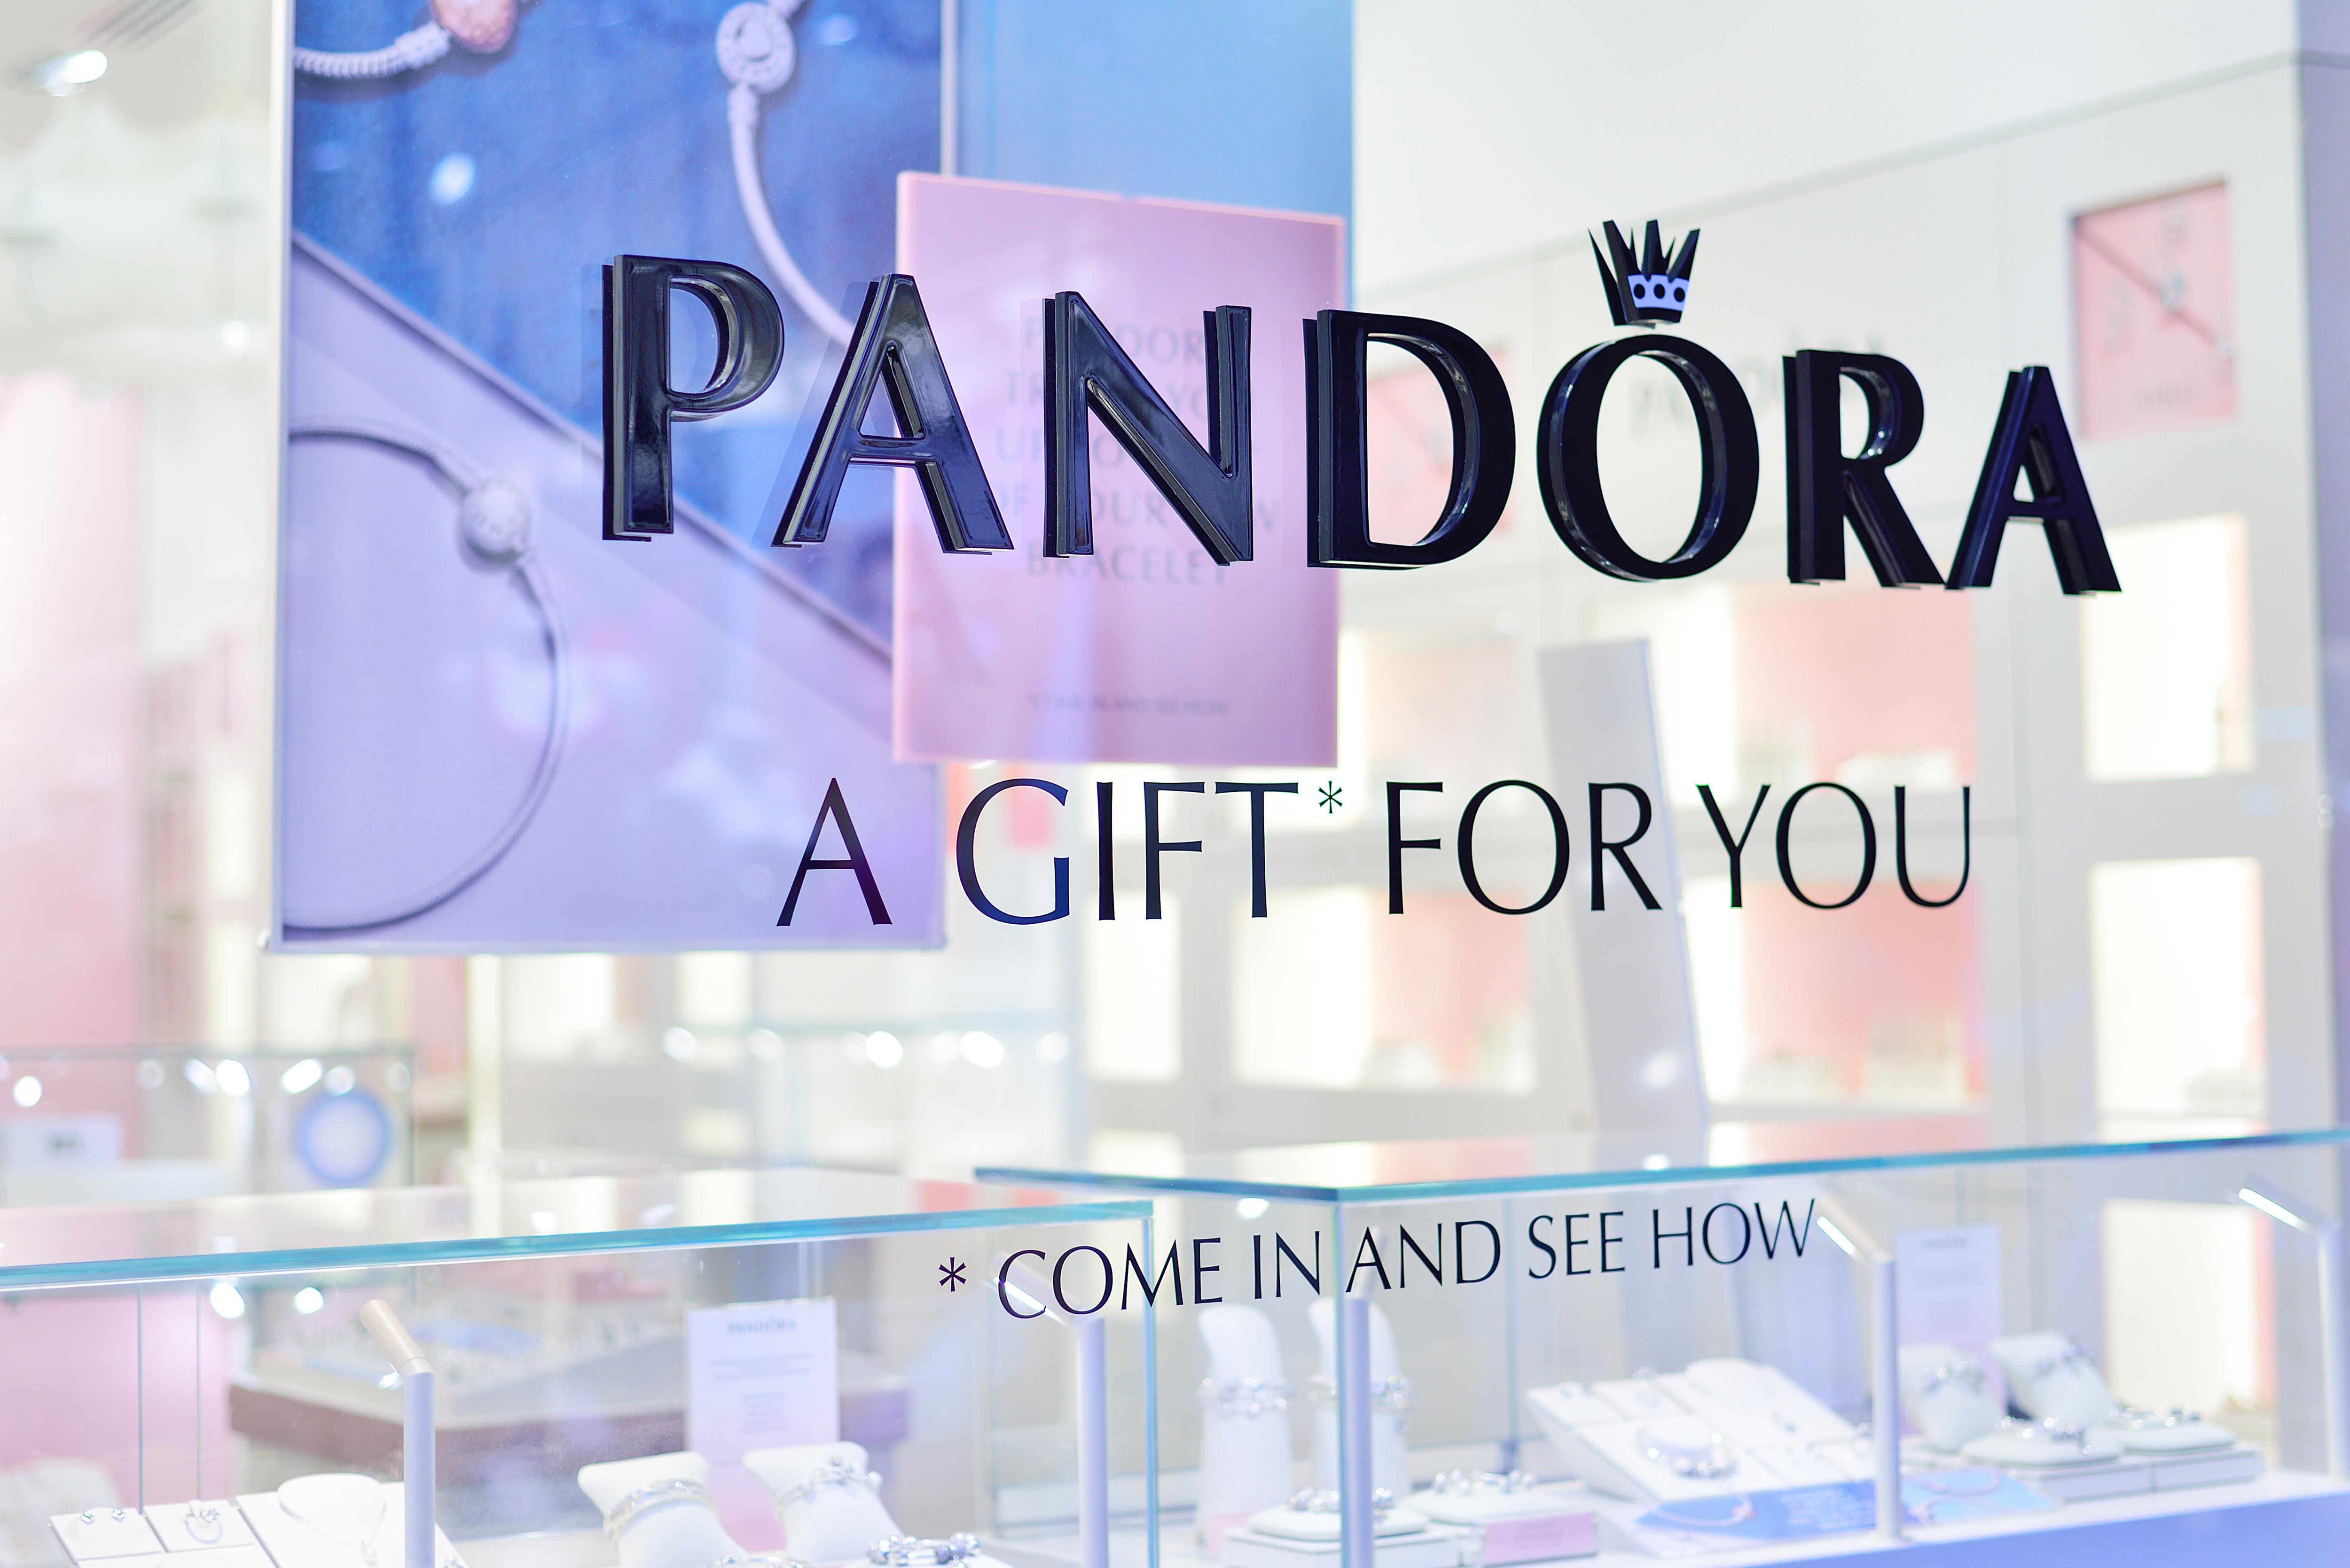 Reţeaua de bijuterii Pandora este curtată de cumpărători: Mai multe fonduri de investiţii vor să cumpere businessul danez. Acţiunile companiei au crescut cu 9% după aflarea veştii